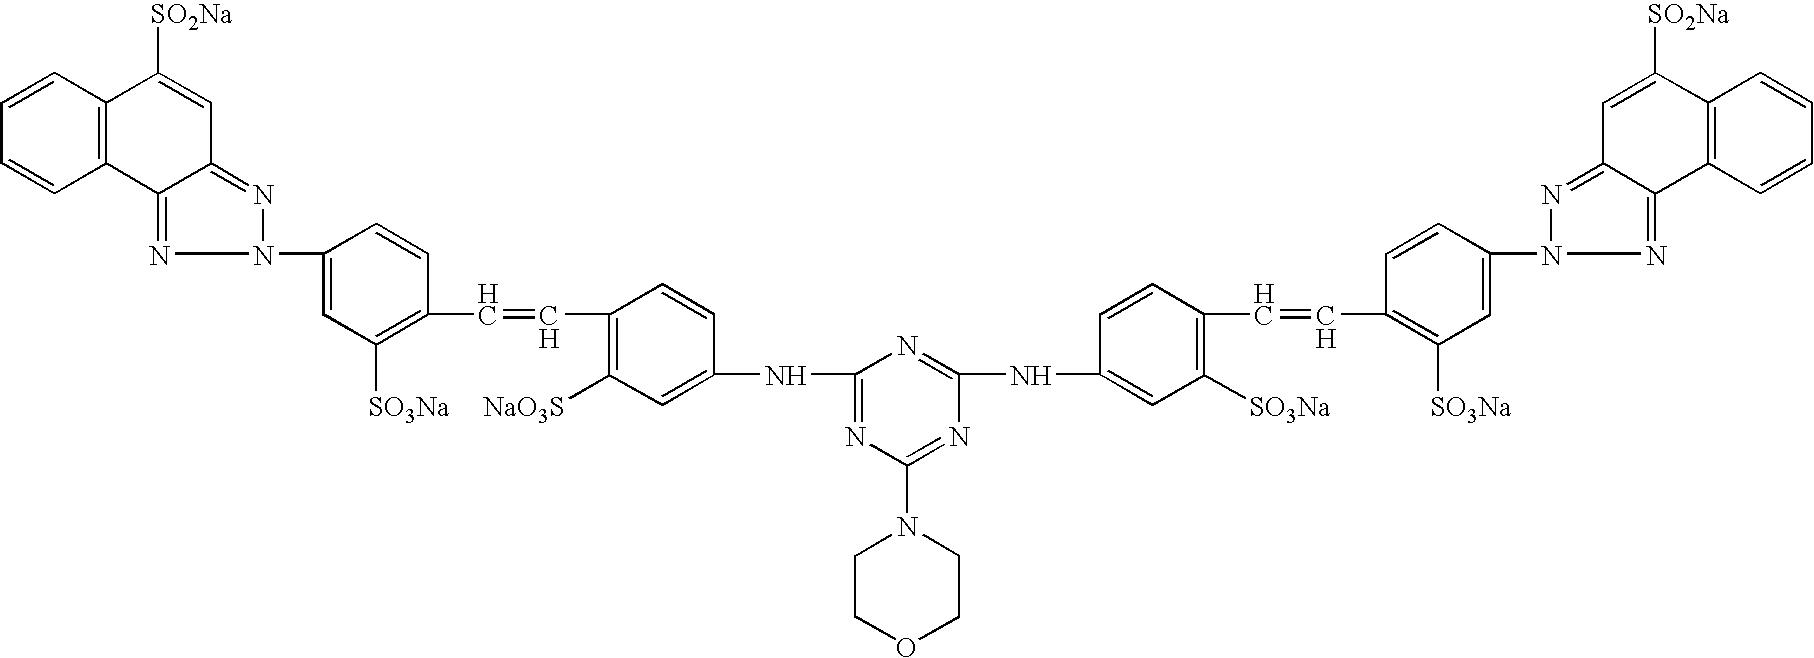 Figure US20090078889A1-20090326-C00005